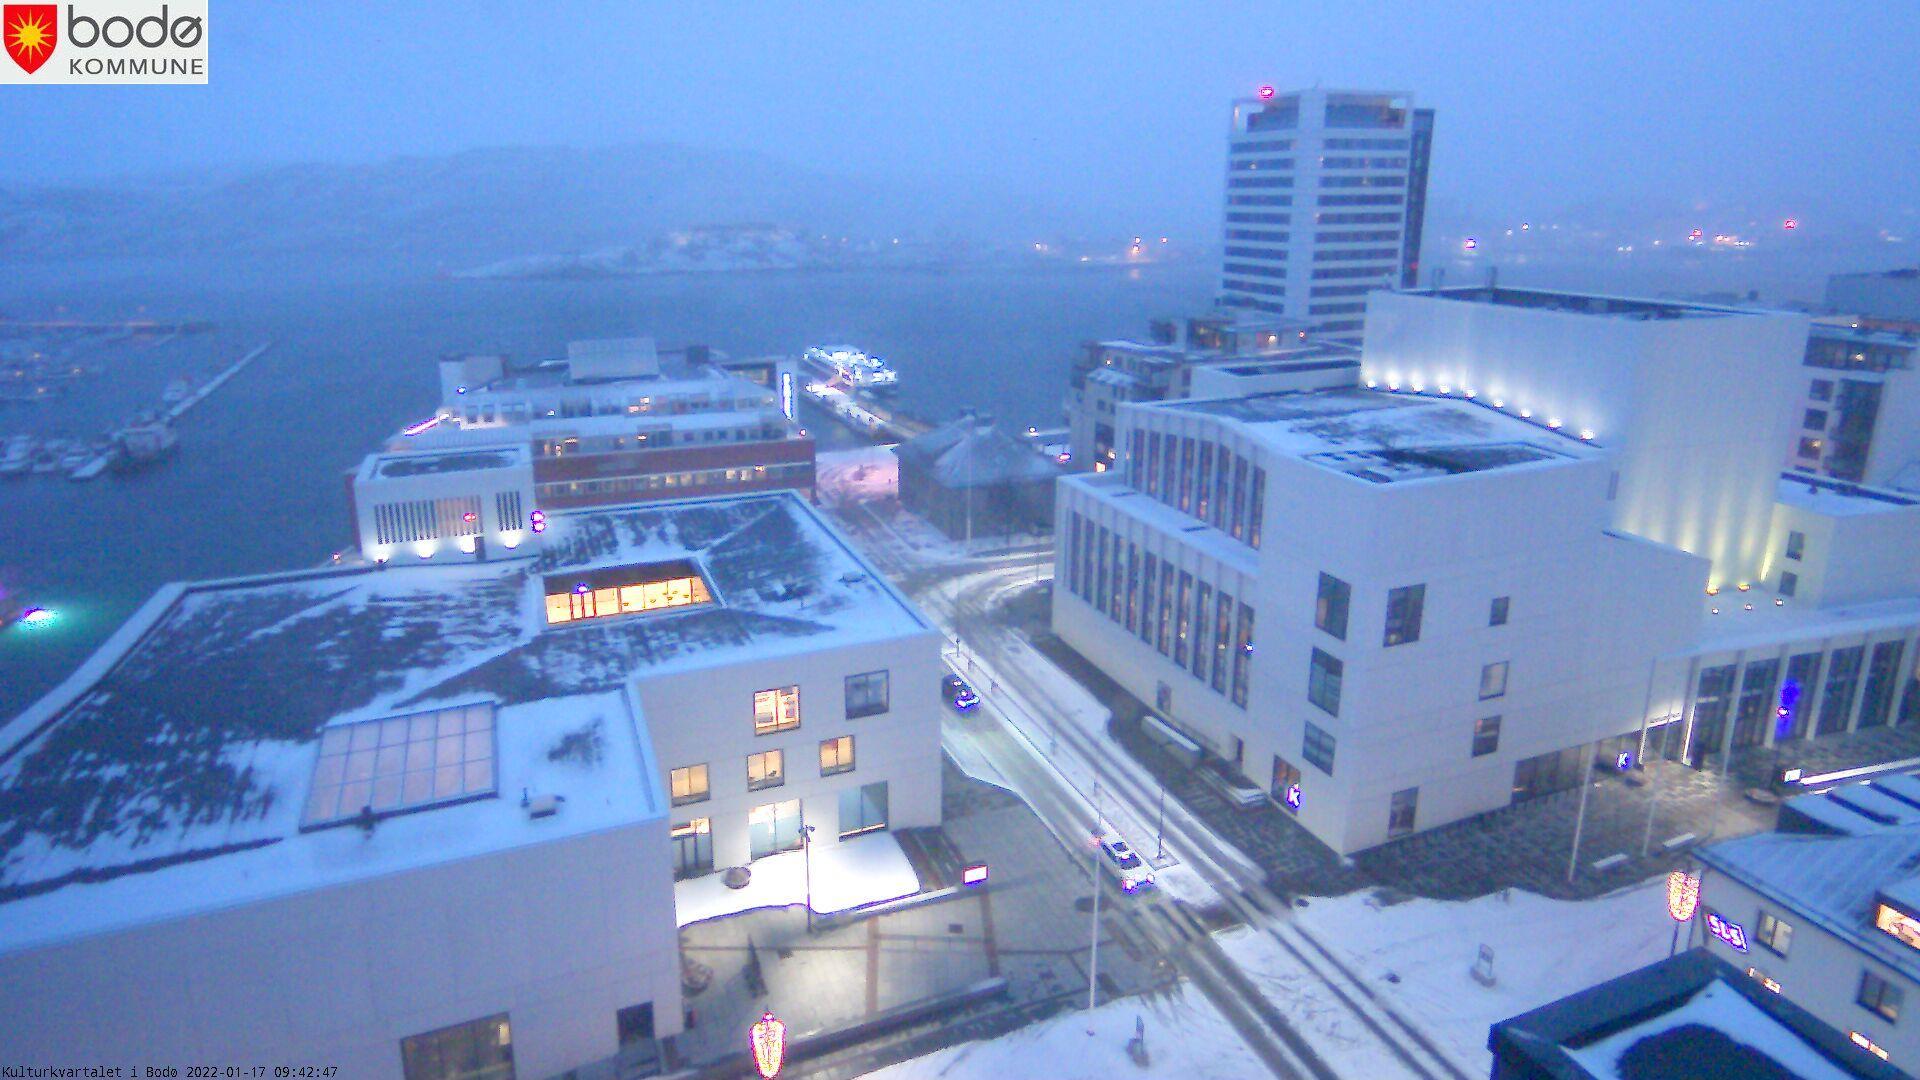 Webcam Bodø › North-West: Stormen Konserthus − Bodø Publi